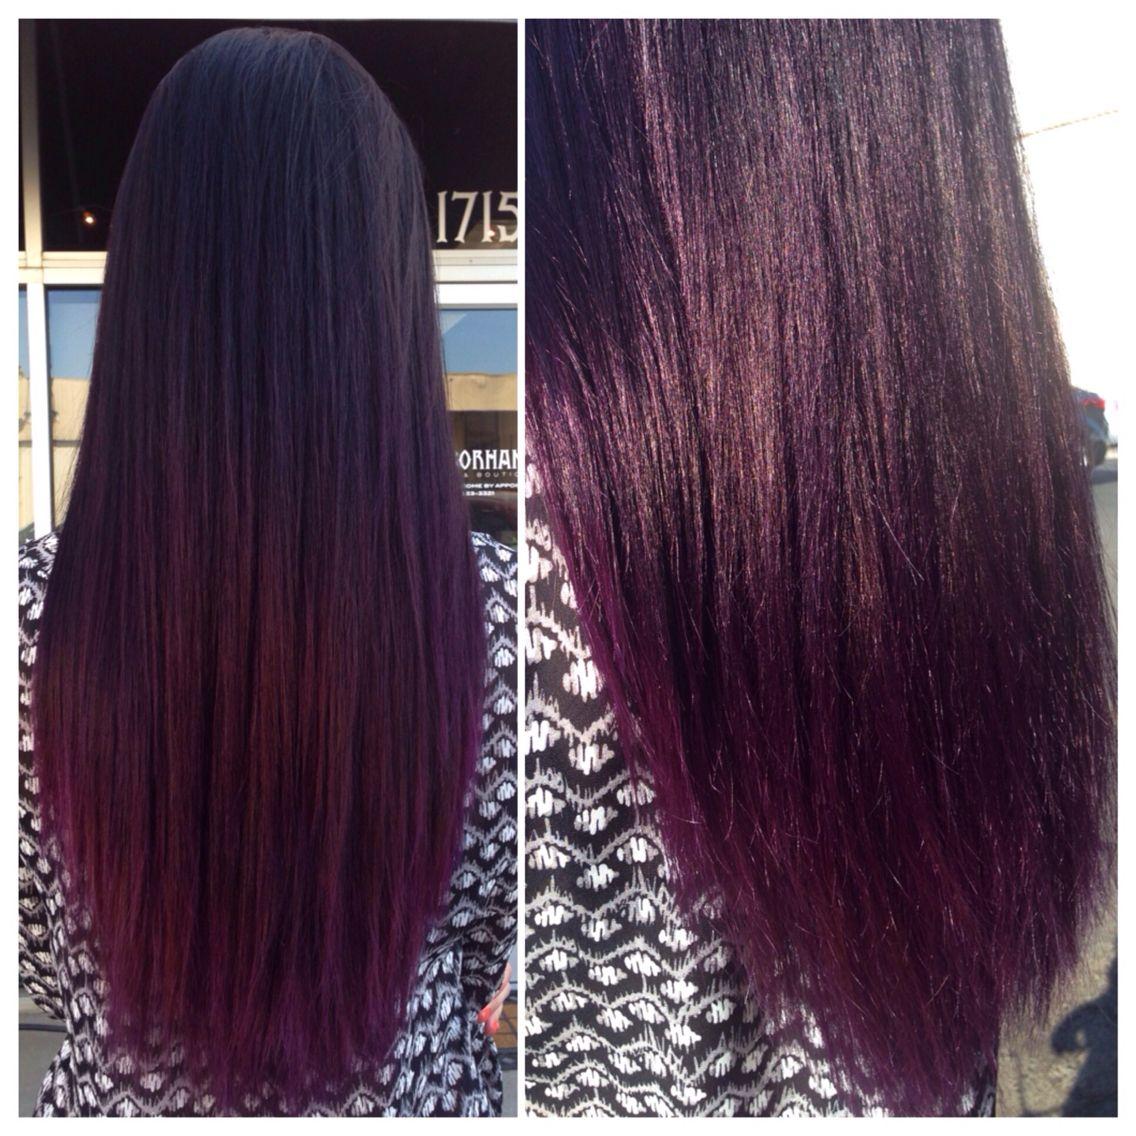 brown to dark violet ombr cheveux rouge acajou. Black Bedroom Furniture Sets. Home Design Ideas